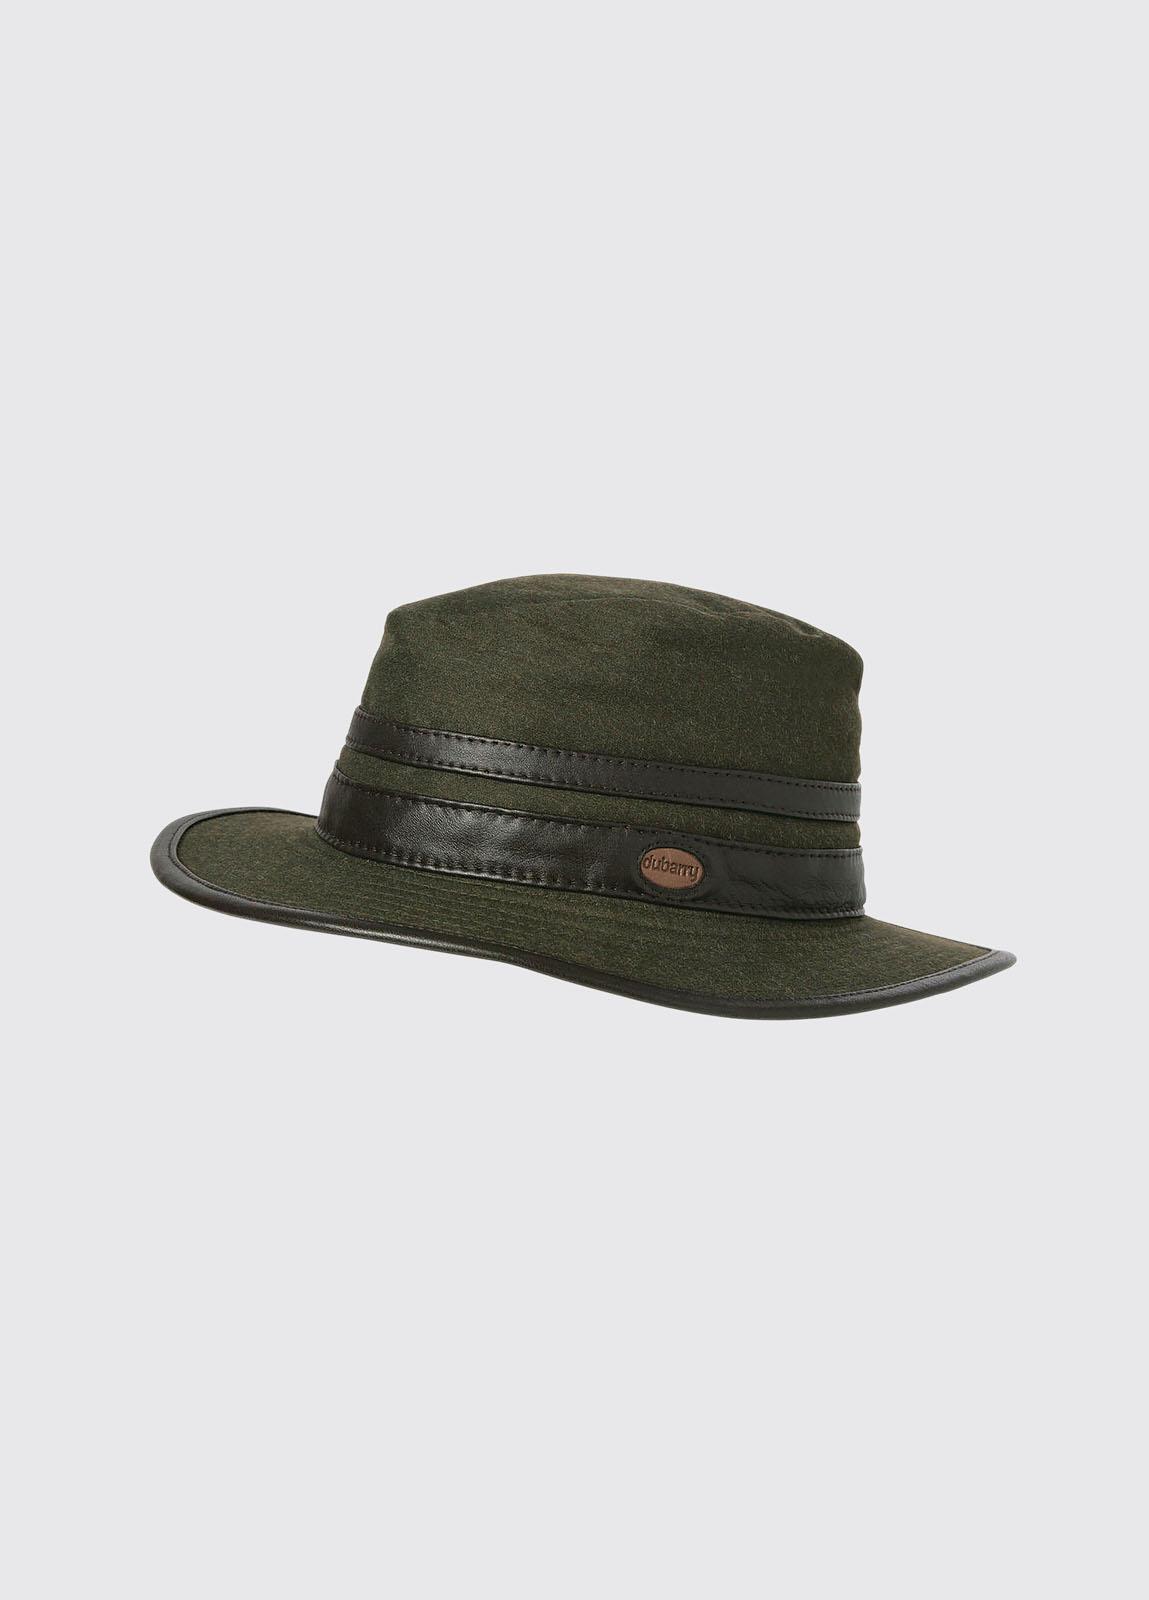 Butler Cap - Olive